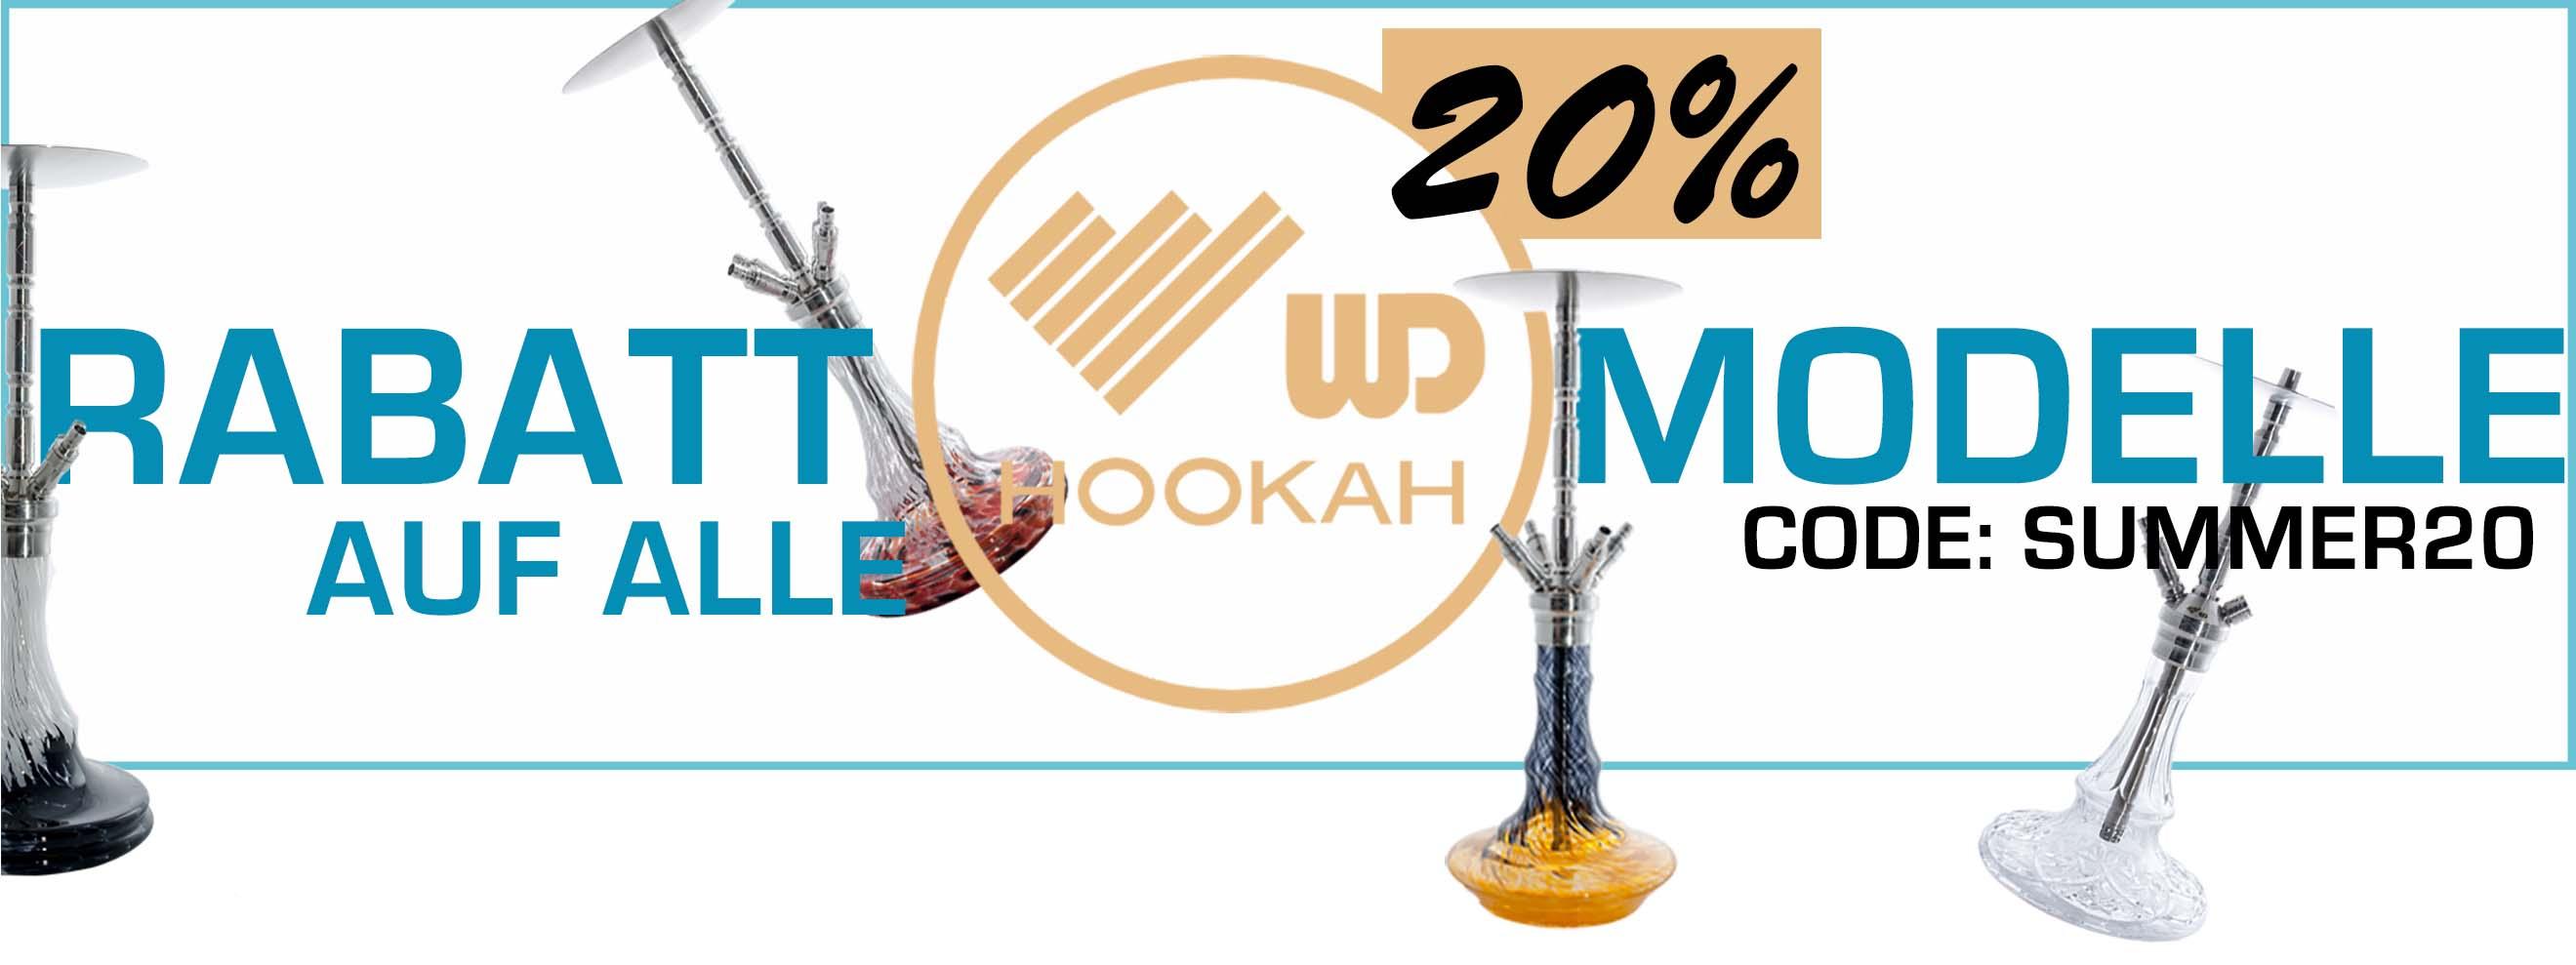 WD Hookah Sale